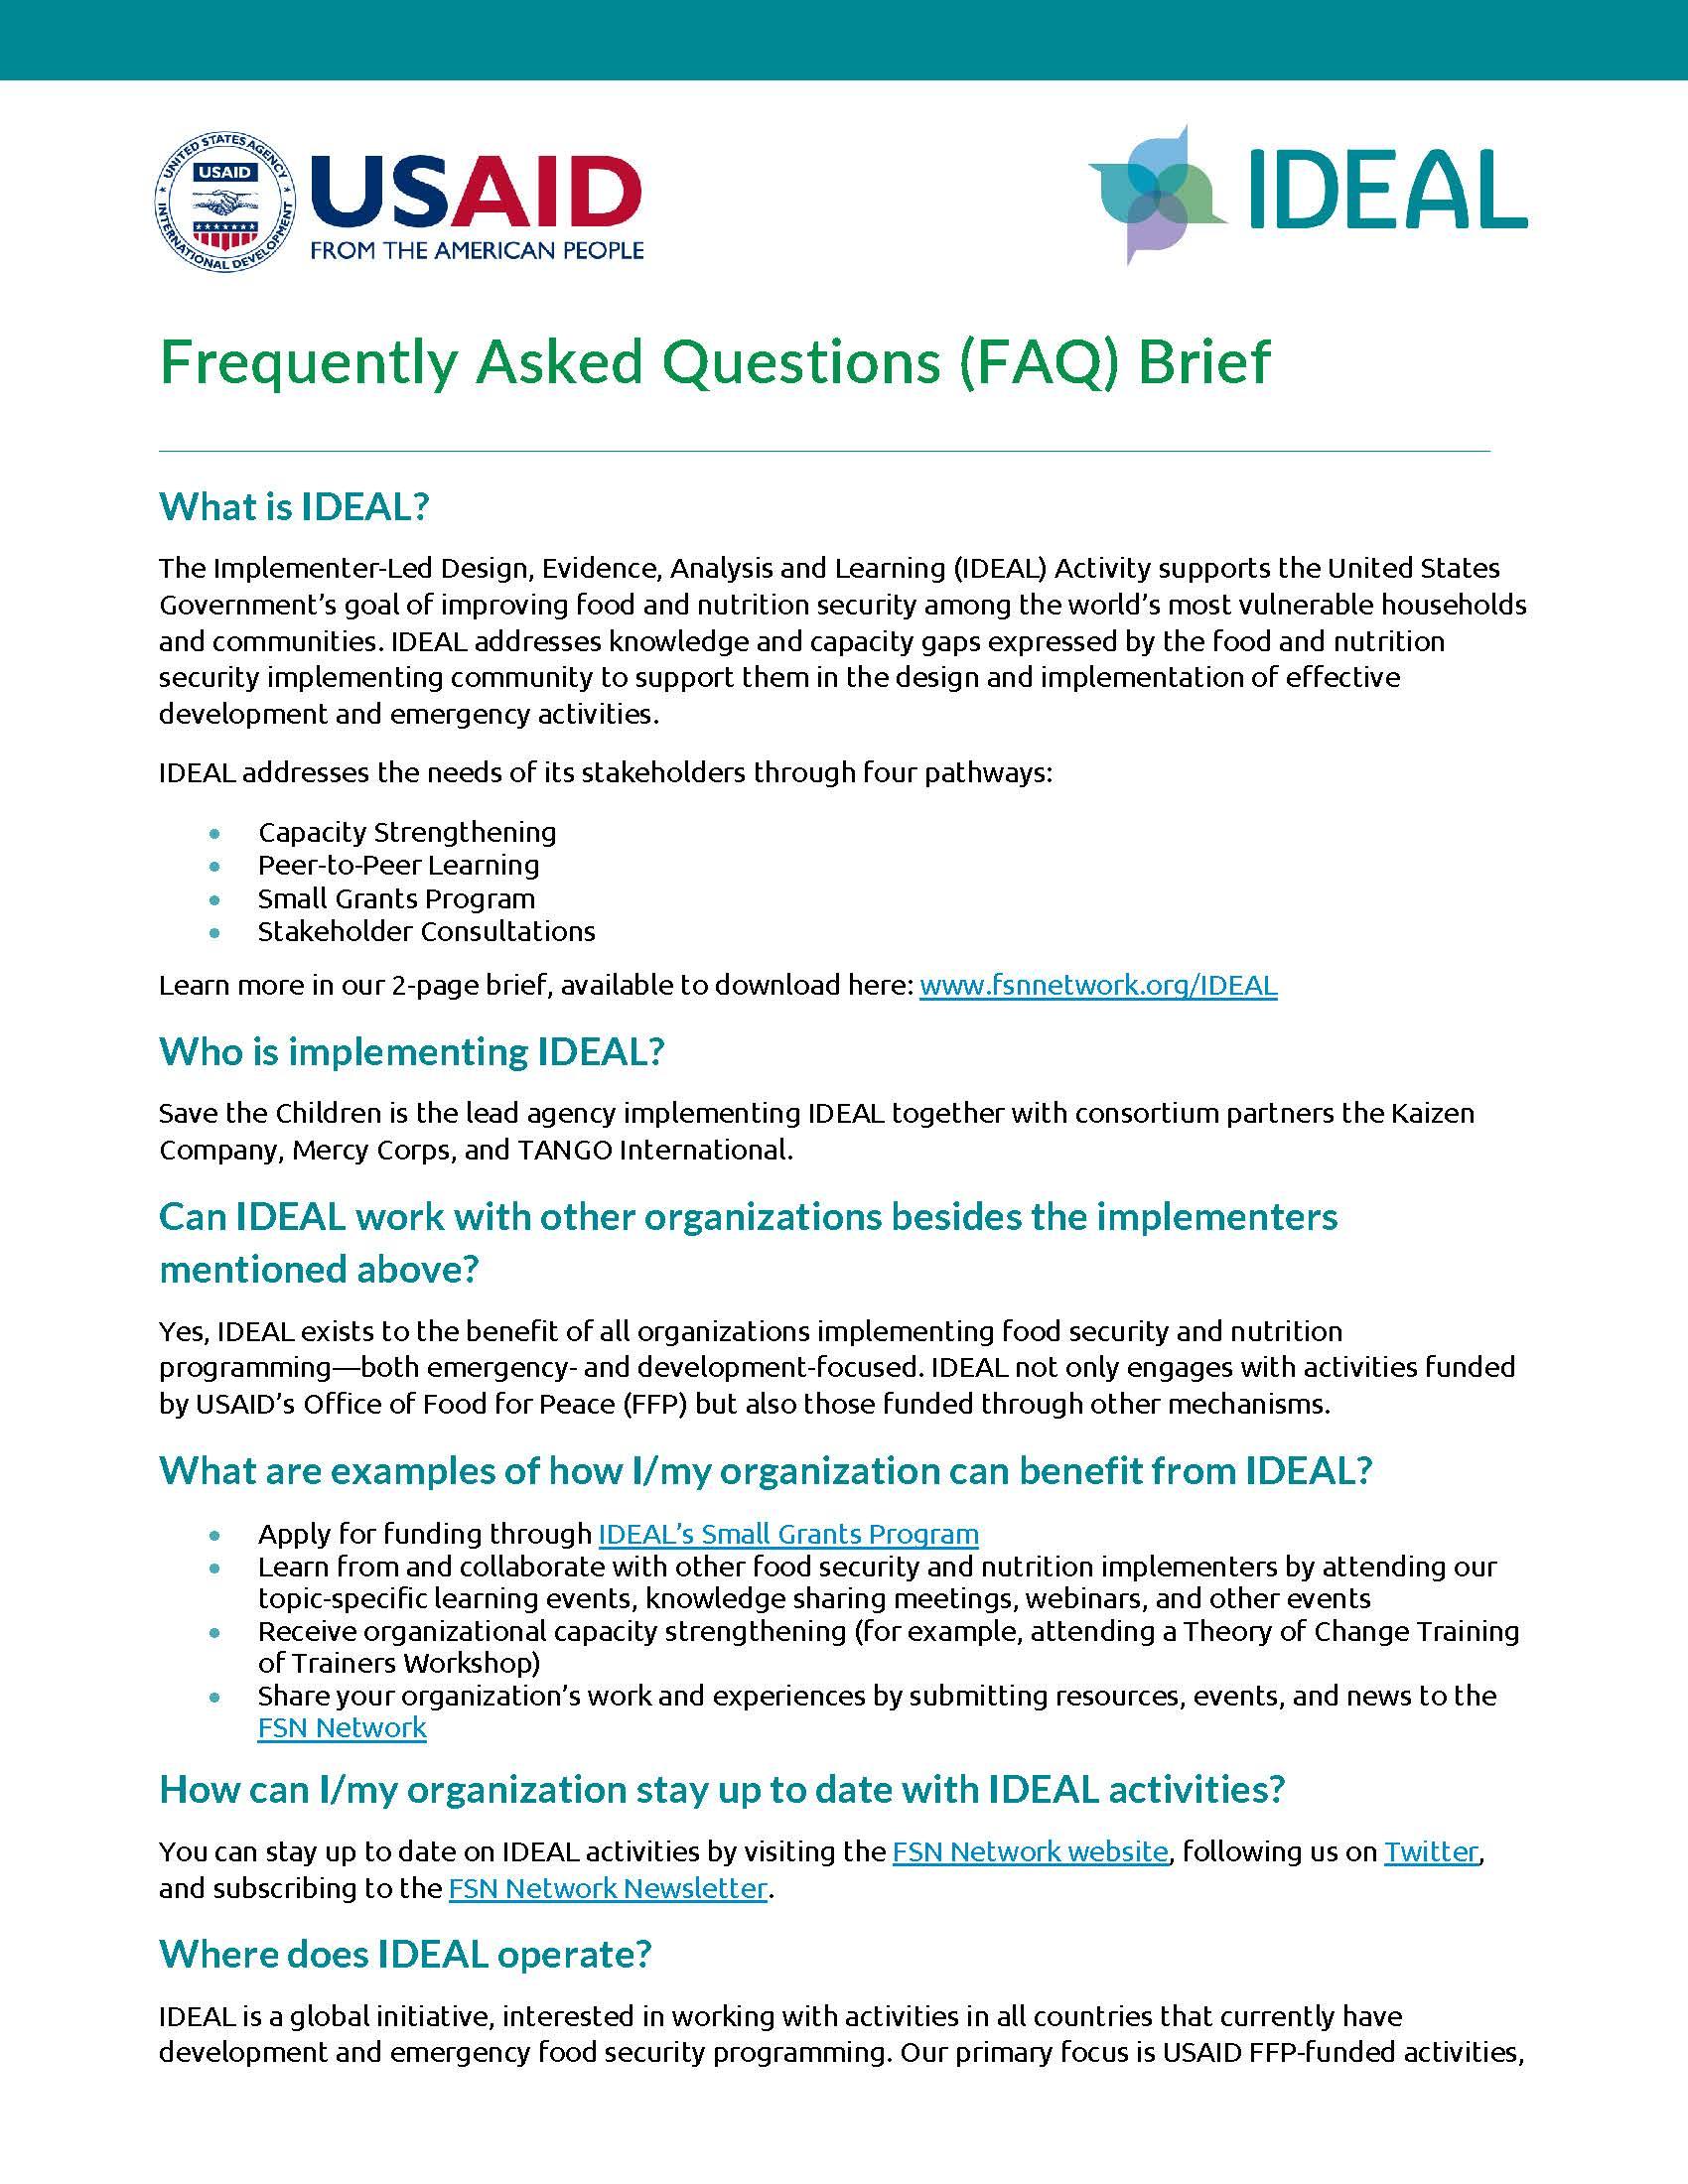 IDEAL FAQ Document